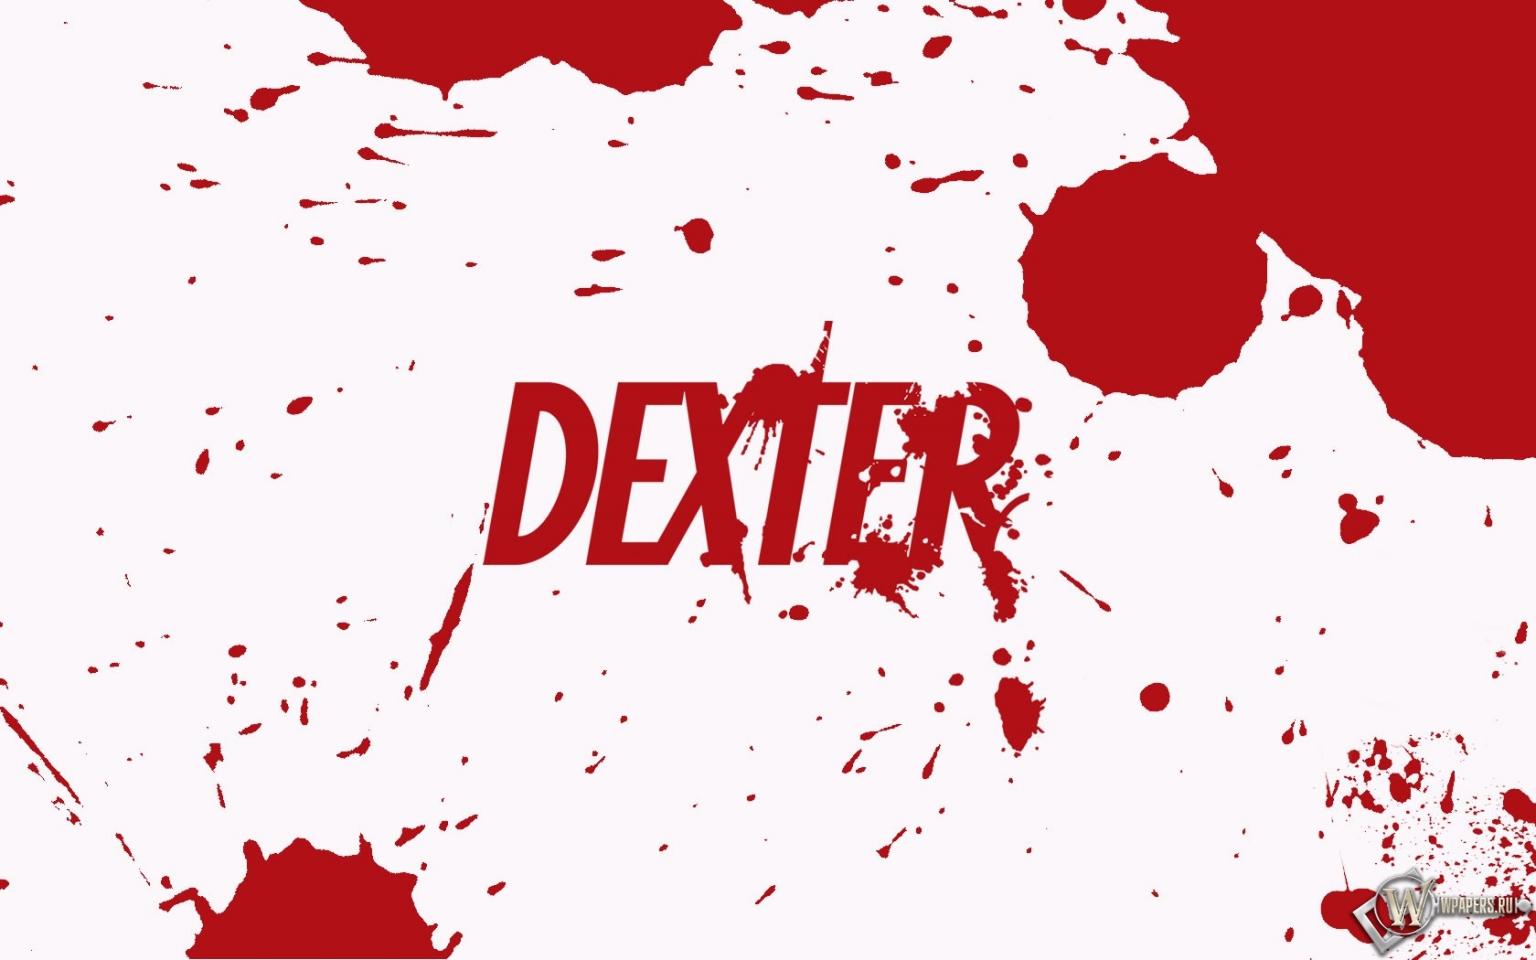 Dexter 1536x960